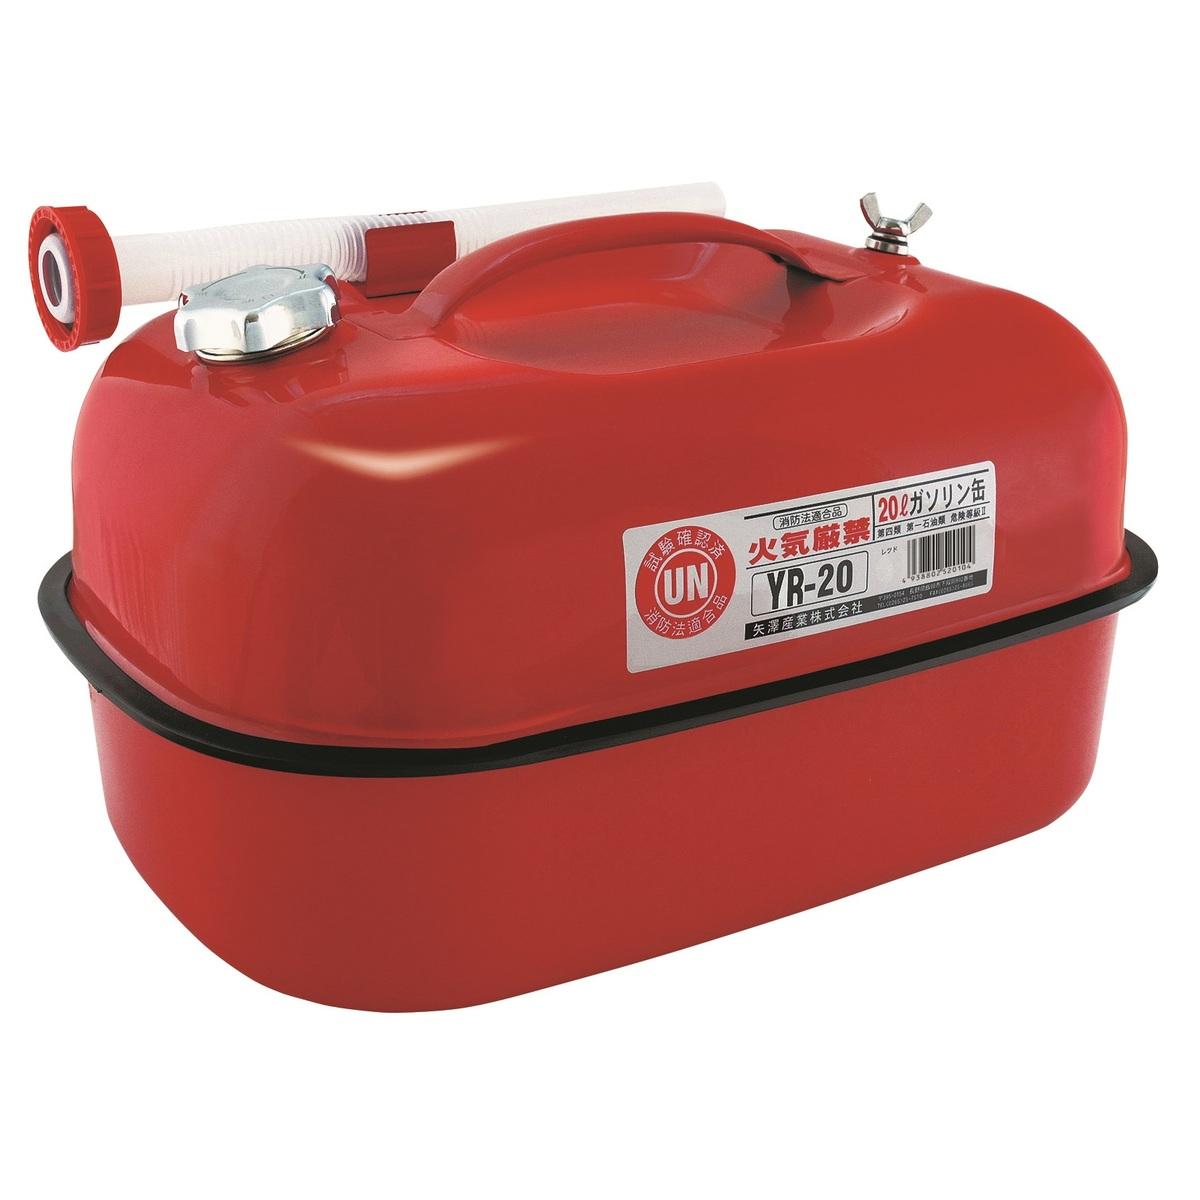 国内即発送 新商品 こちらの商品は送料半額対象外です 矢澤産業 ガソリン携行缶 YR20 20L